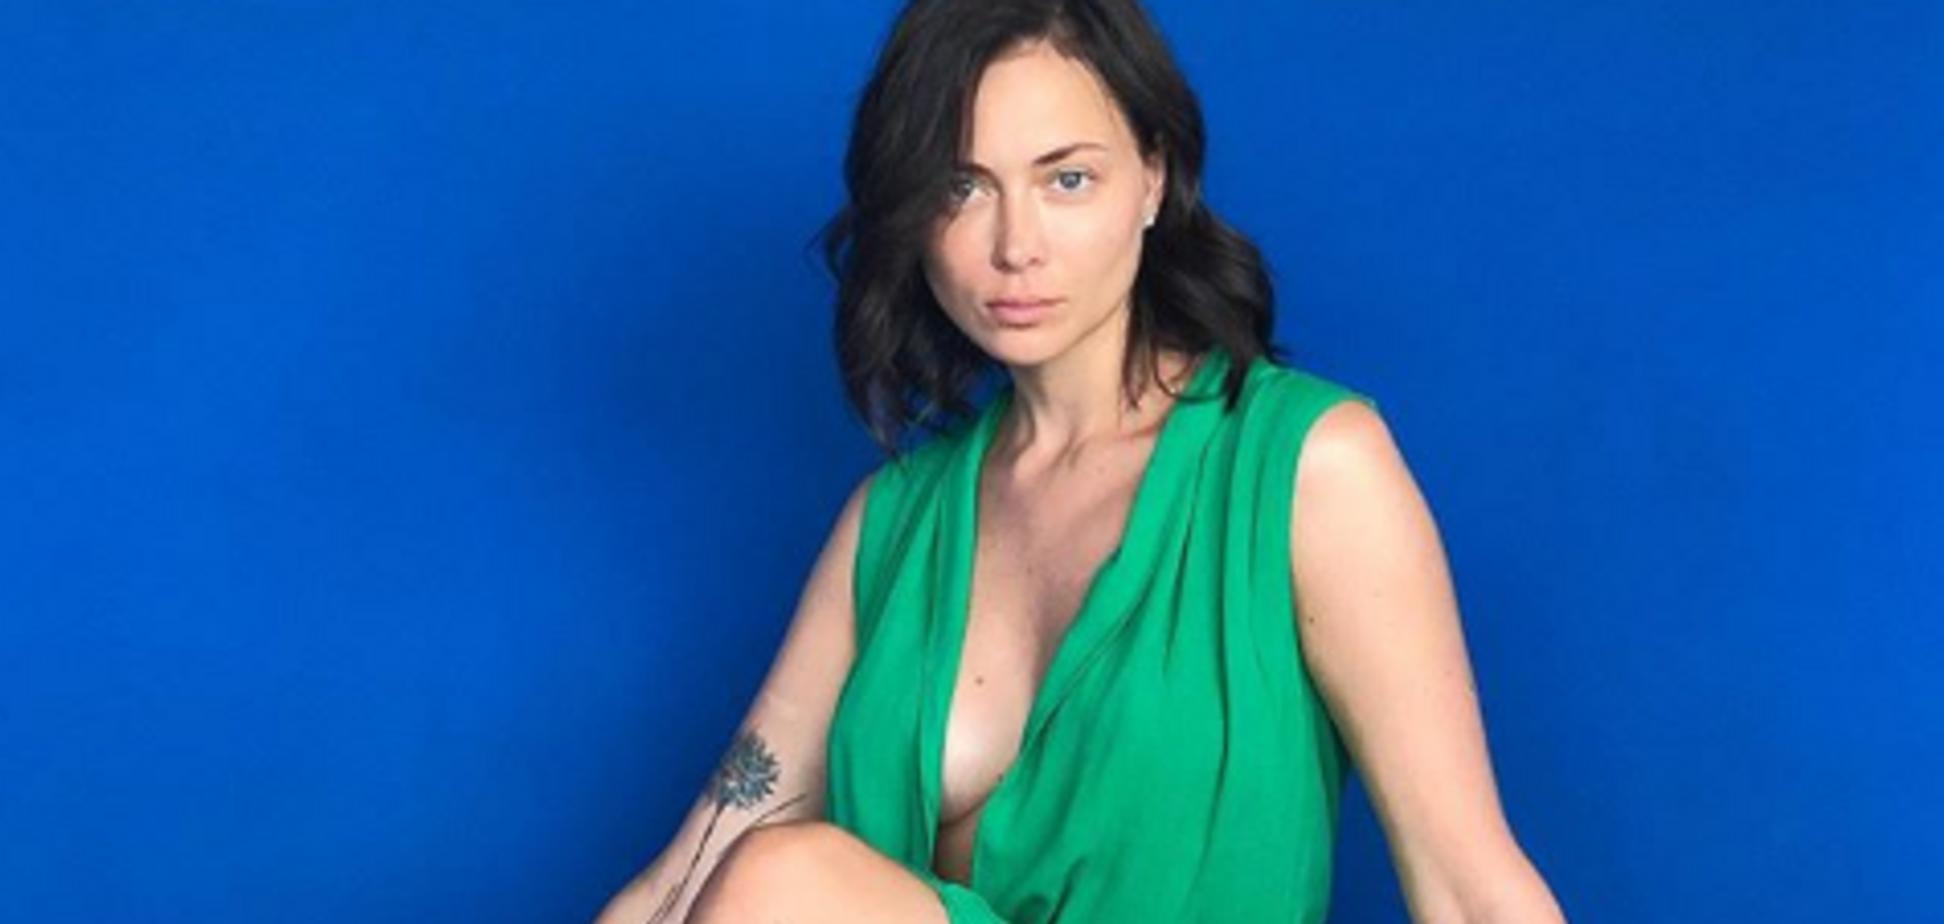 'Невероятная женщина': популярная актриса из РФ восхитила сеть глубоким декольте